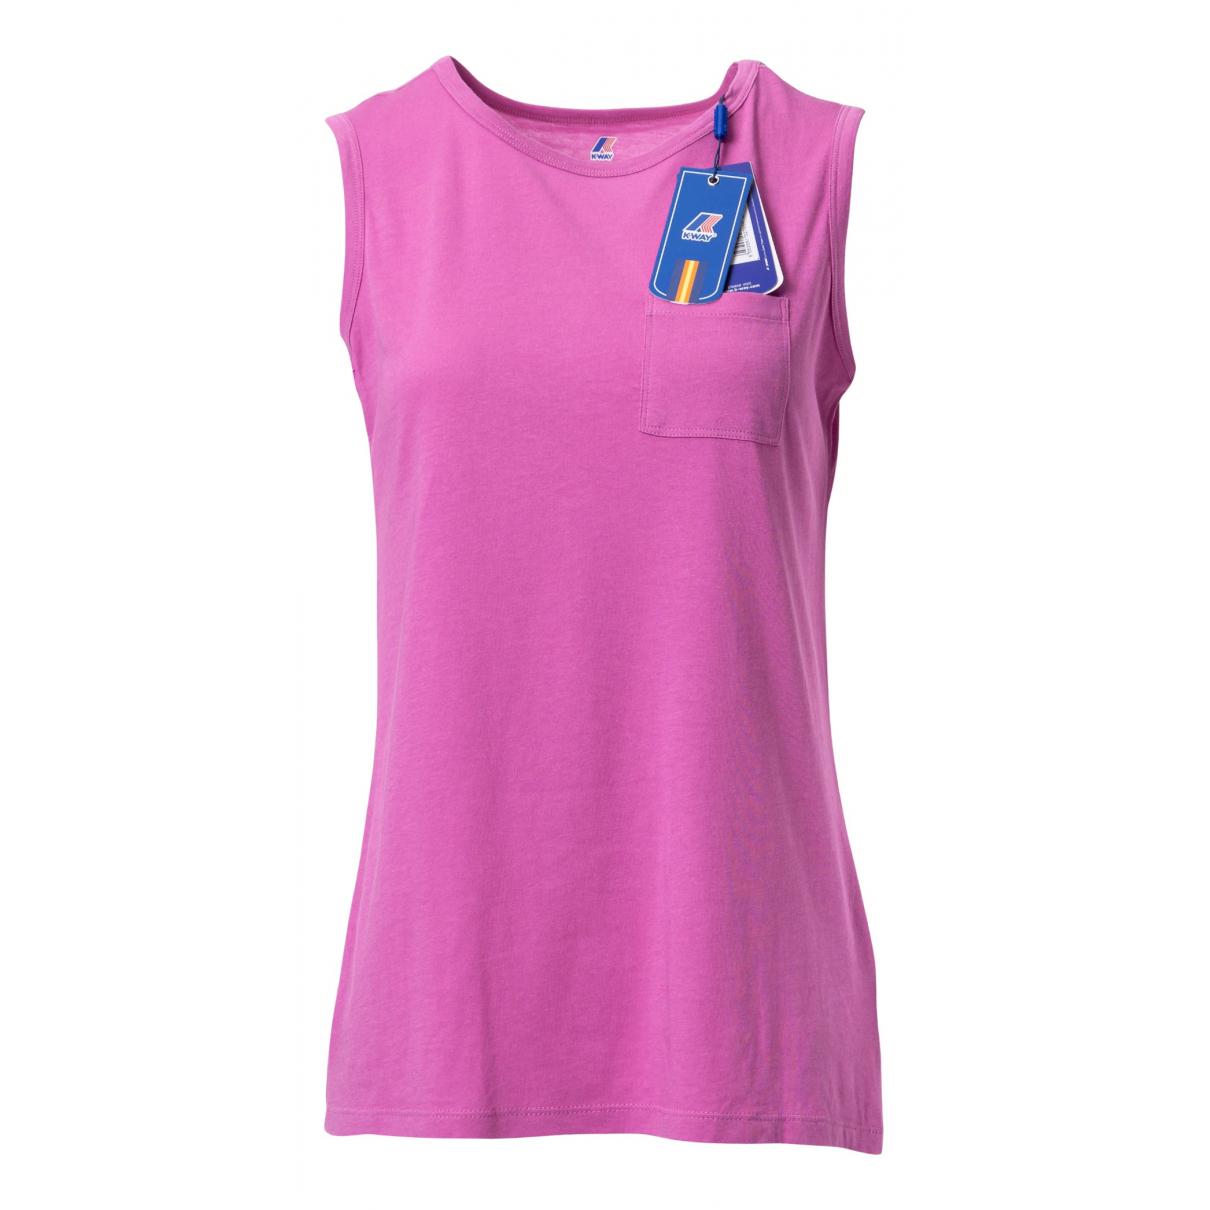 K-way - Top   pour femme en coton - rose